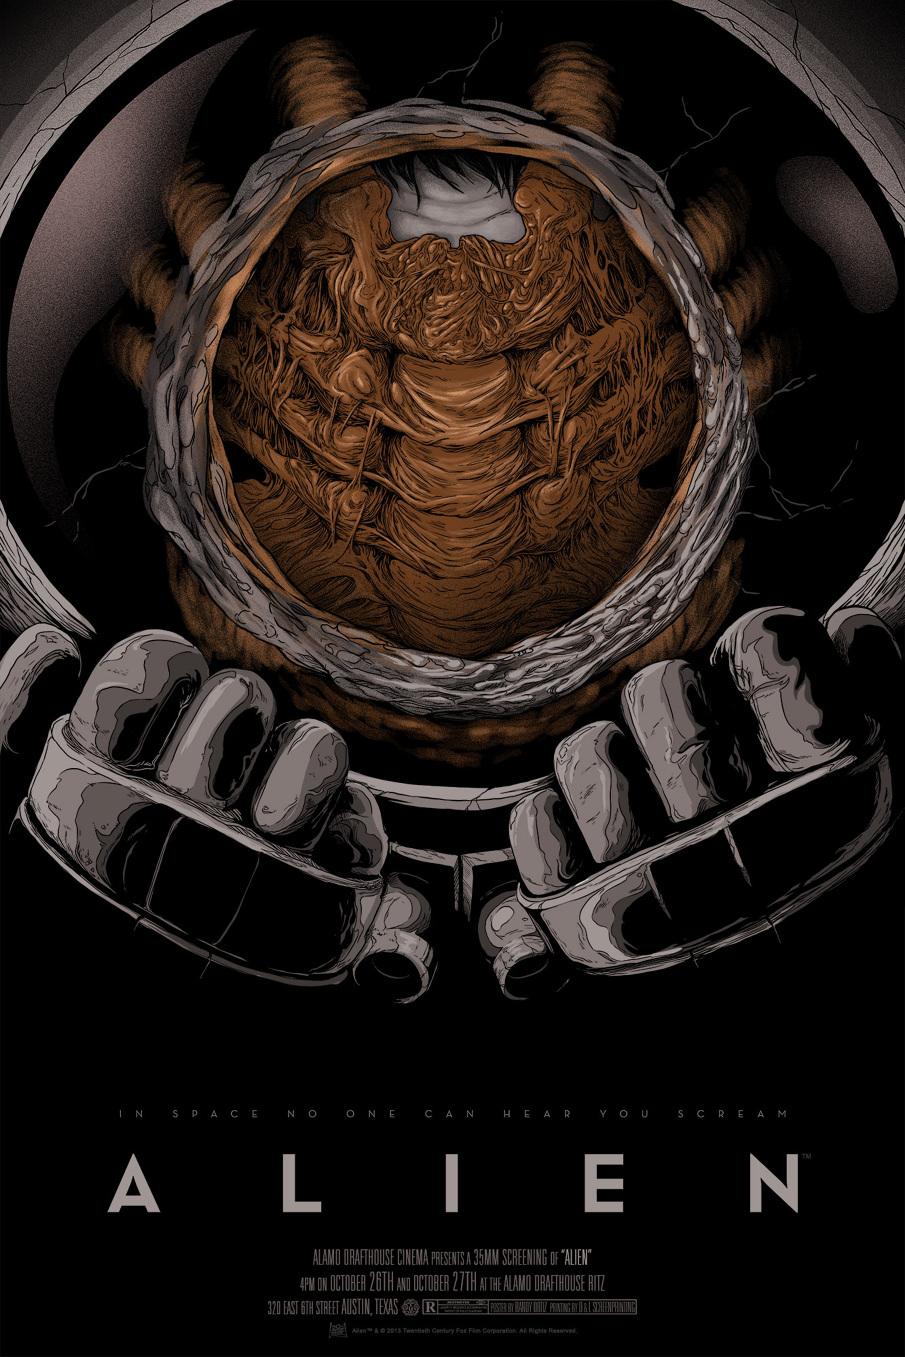 Les illustrations super détaillées du génial Randy Ortiz